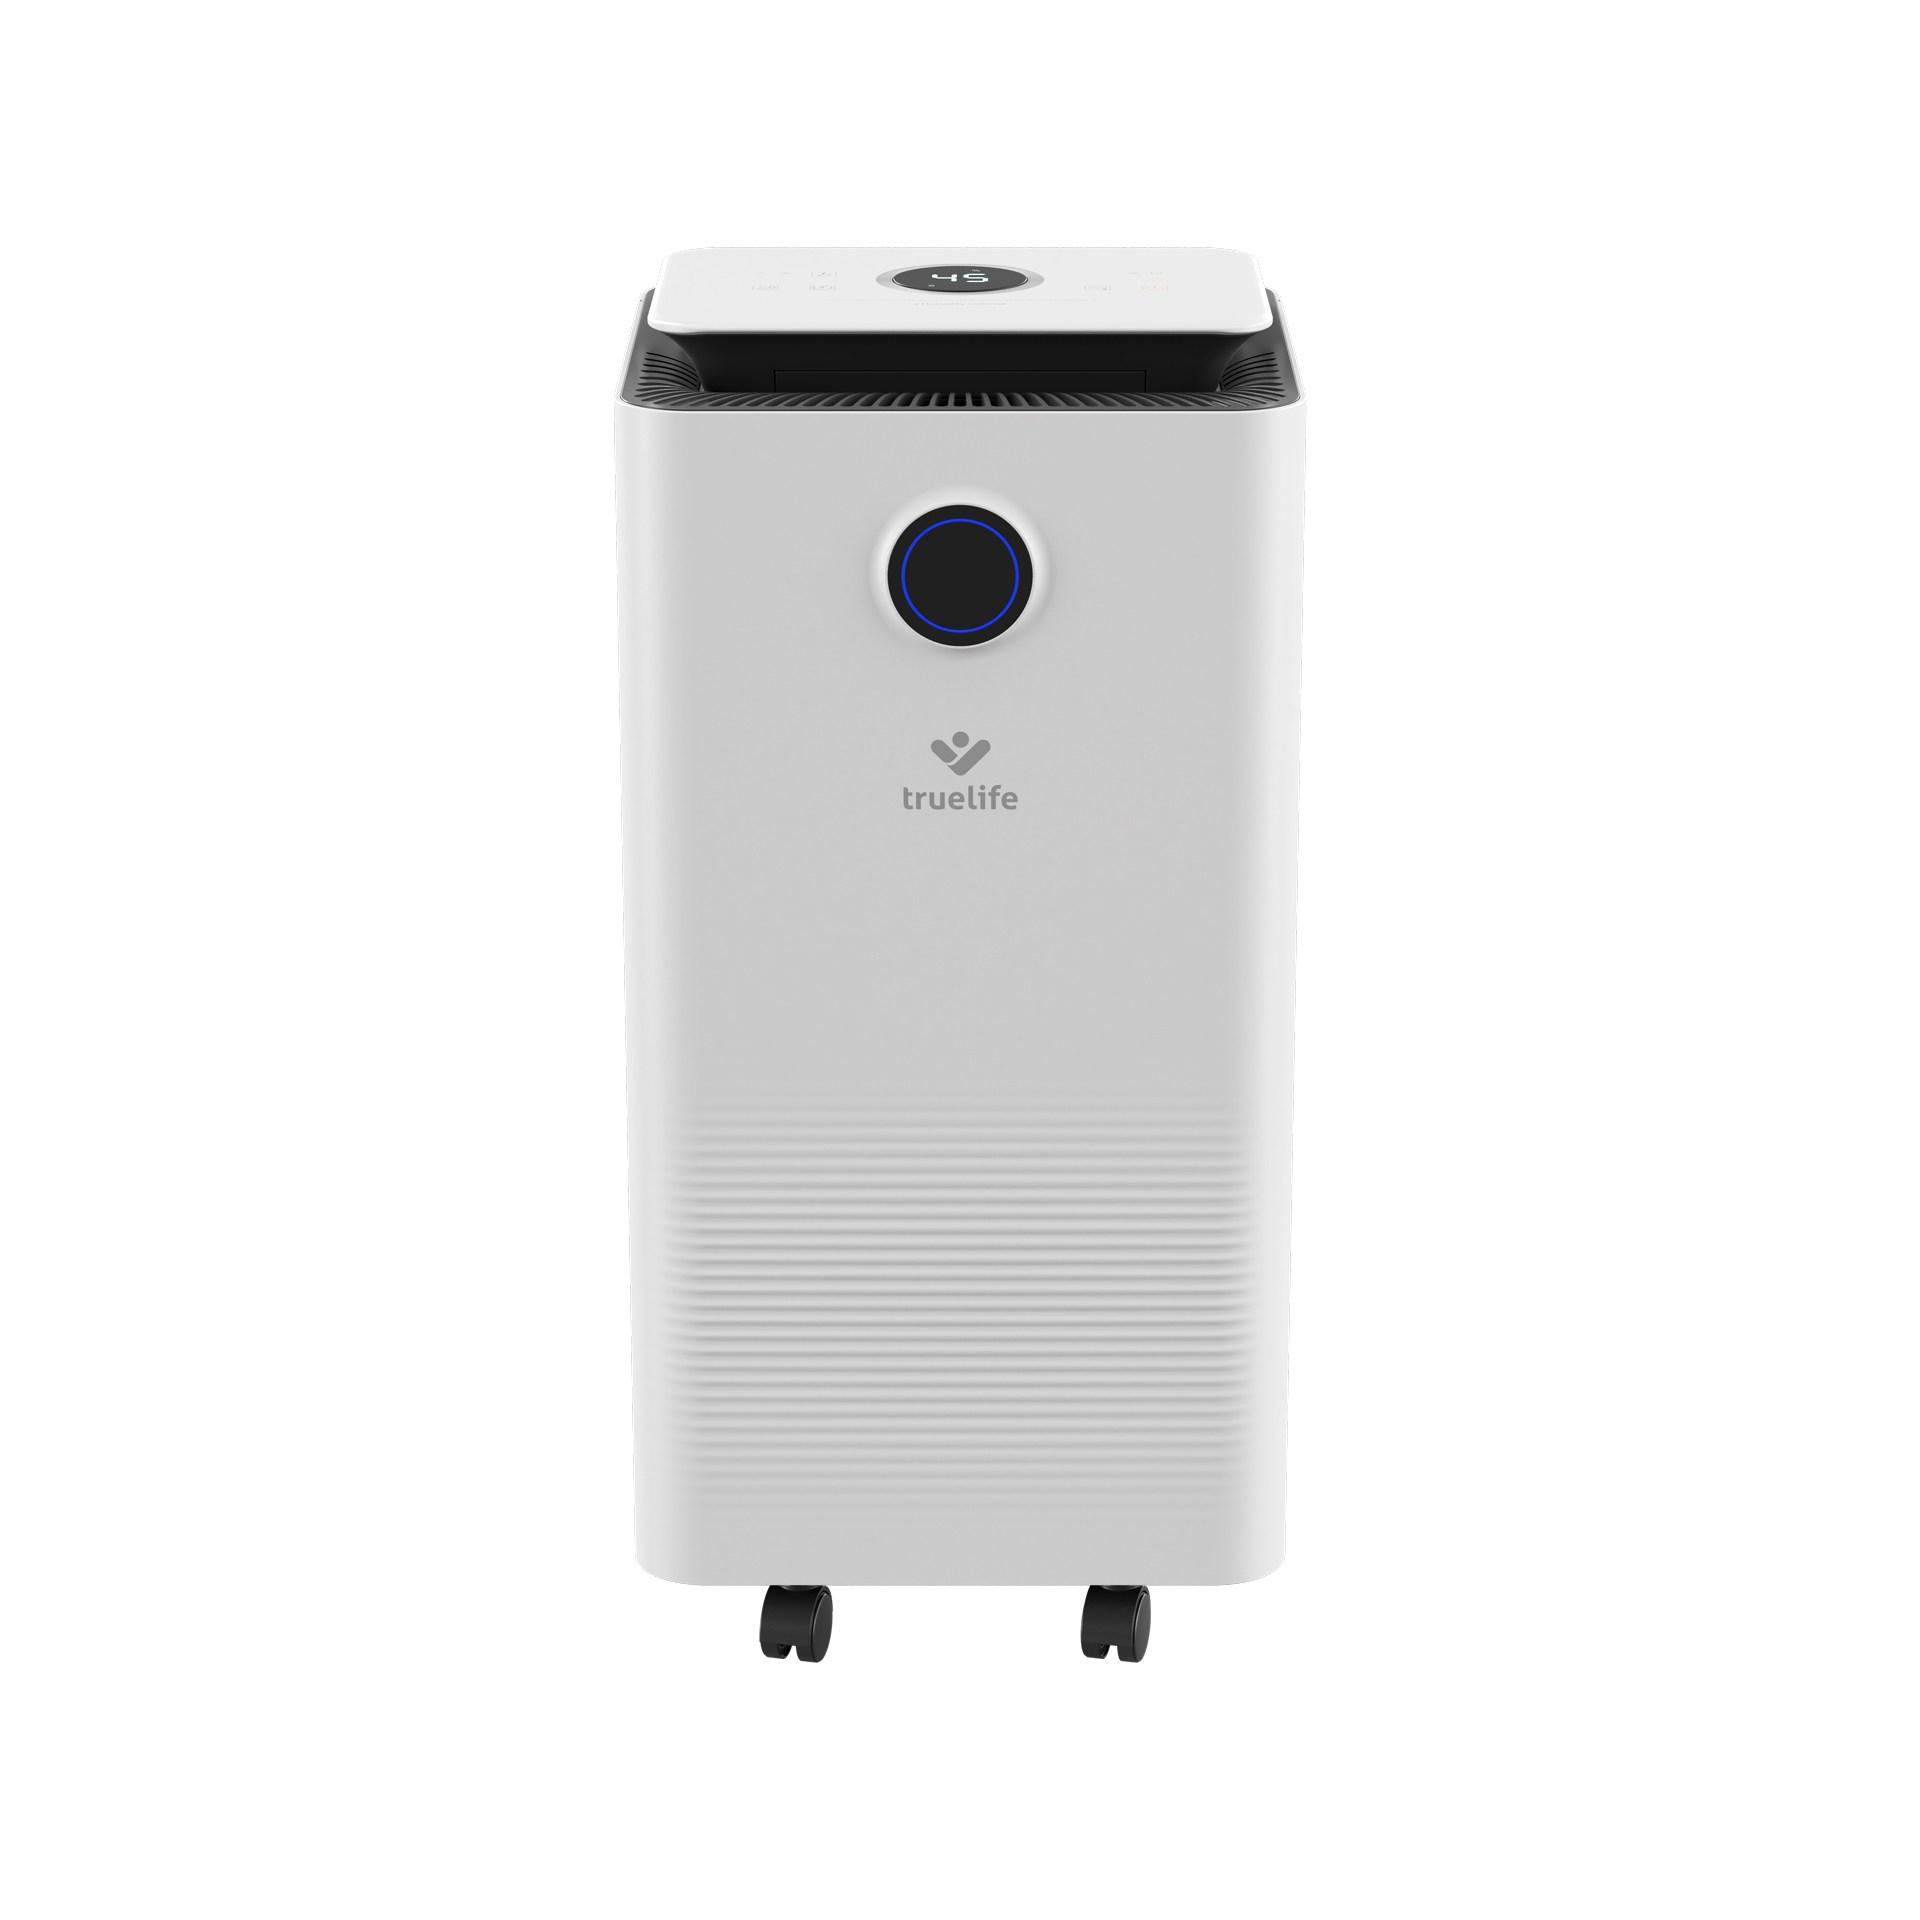 TrueLife AIR Dehumidifier DH5 Touch